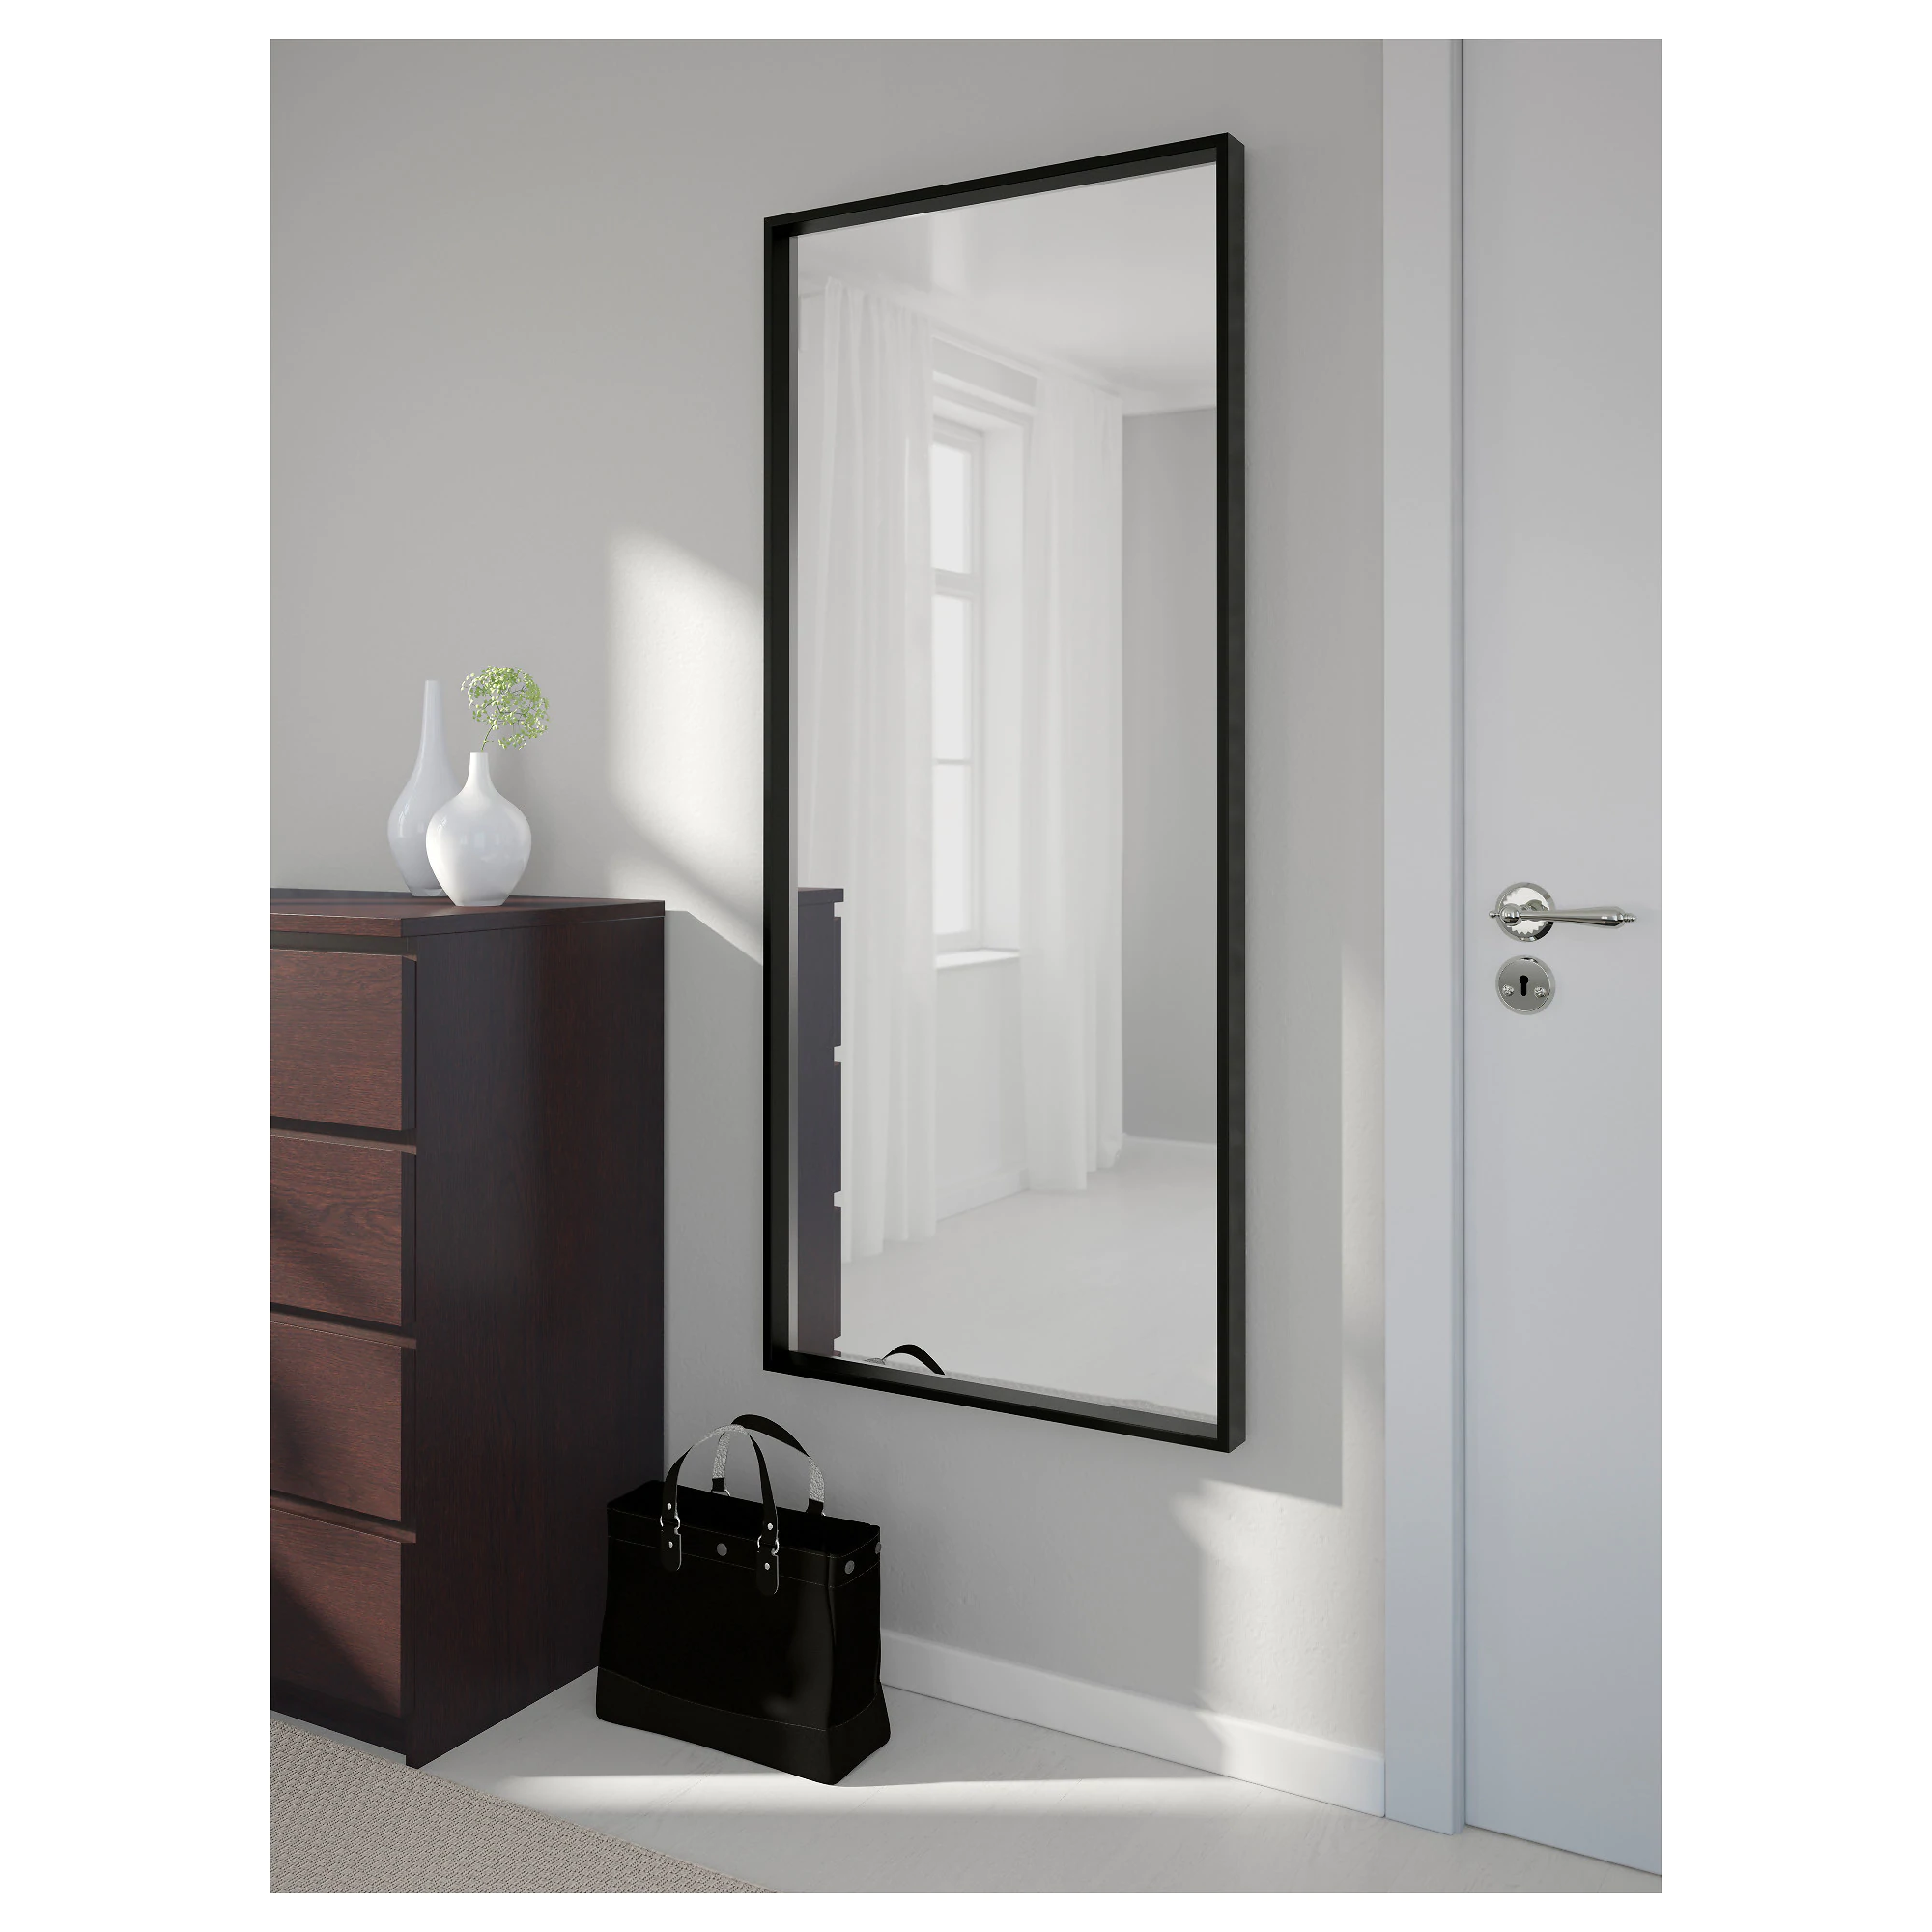 Grandi Specchi A Parete Ikea